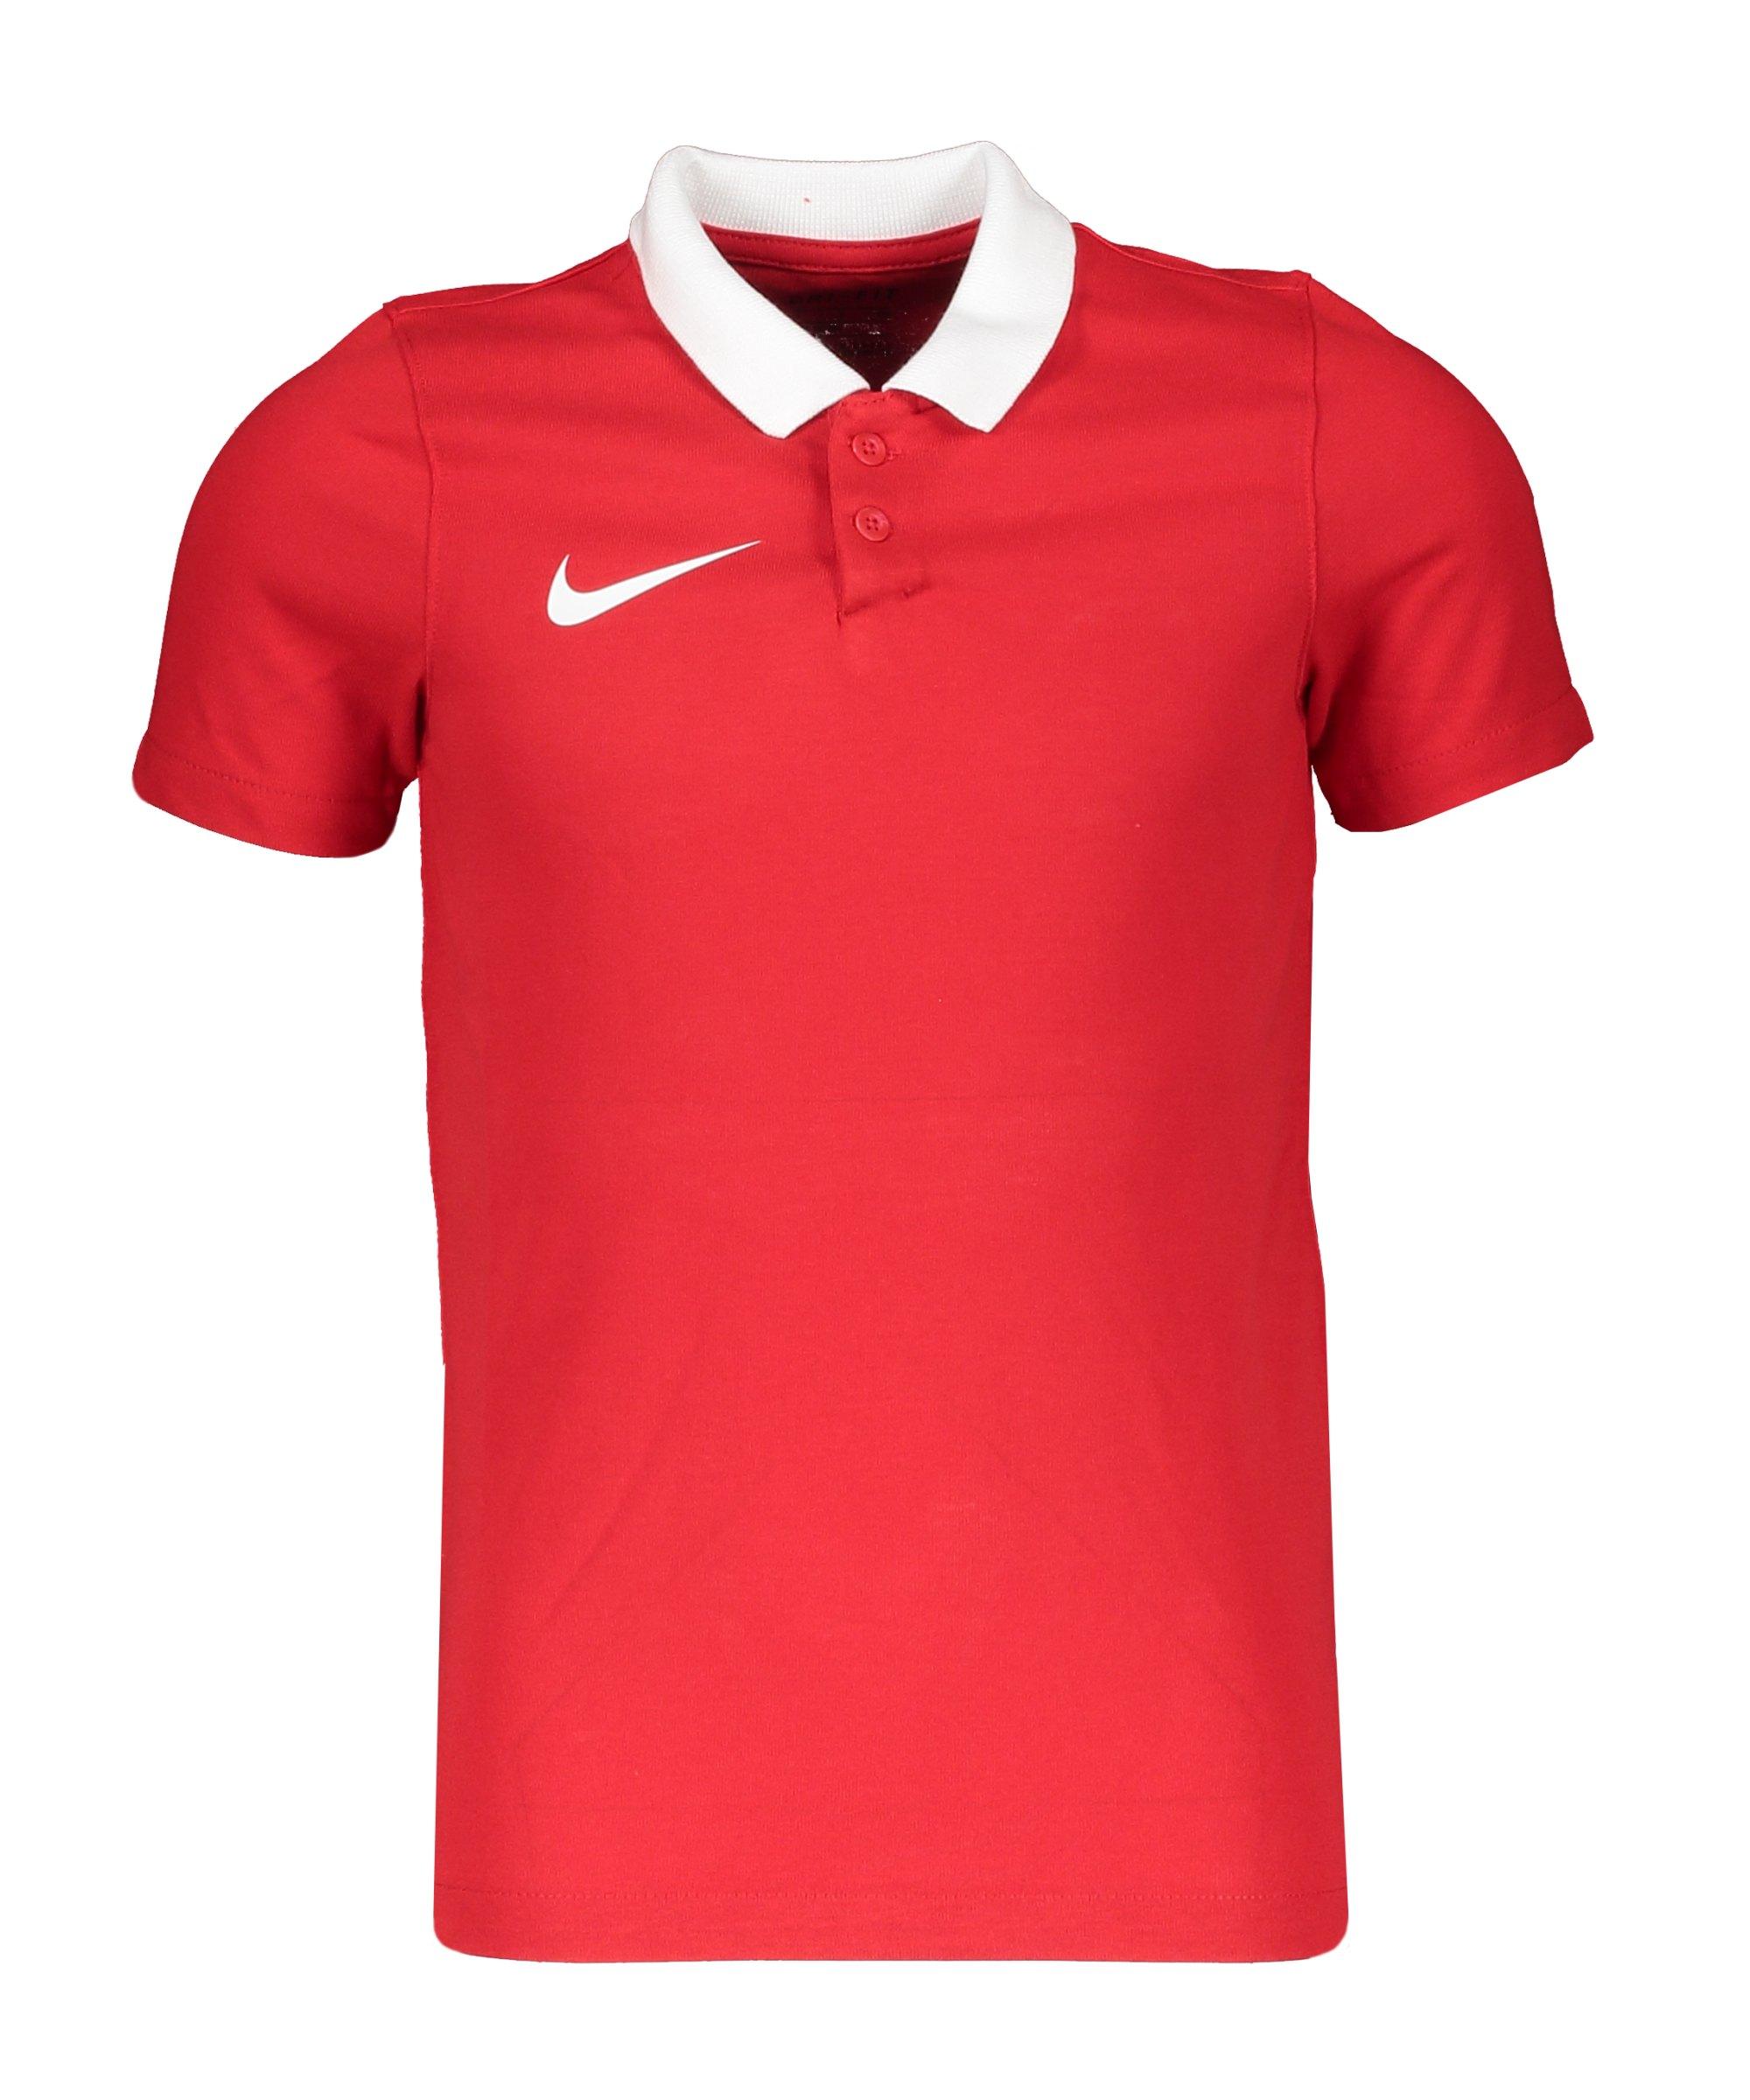 Nike Park 20 Poloshirt Kids Rot Weiss F657 - rot